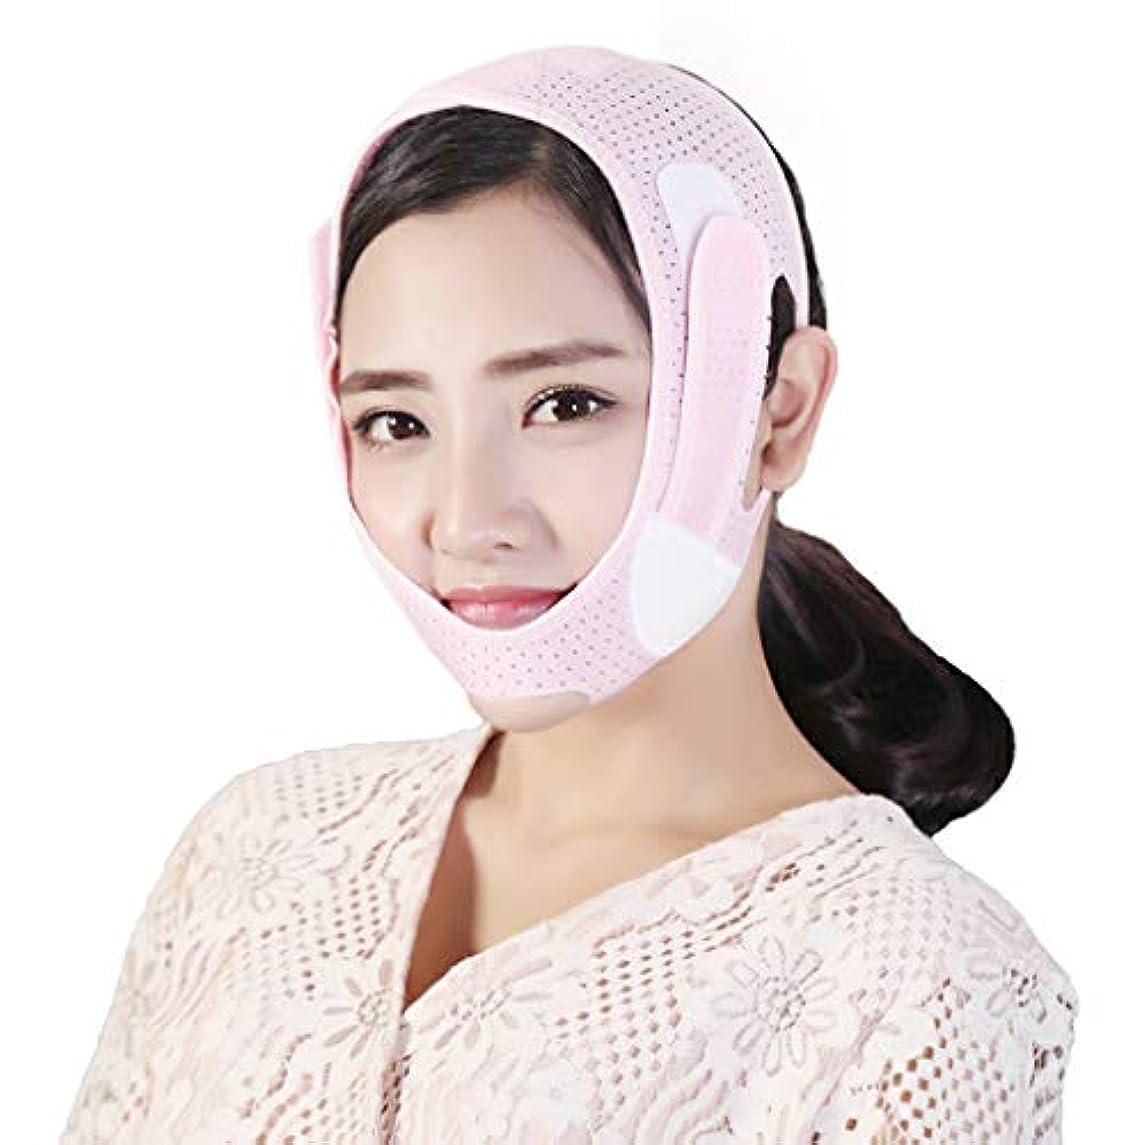 香り組スキー減量マスク薄い顔のマスクV顔の薄い顔の咬筋ダブル顎の包帯睡眠マスクの通気性